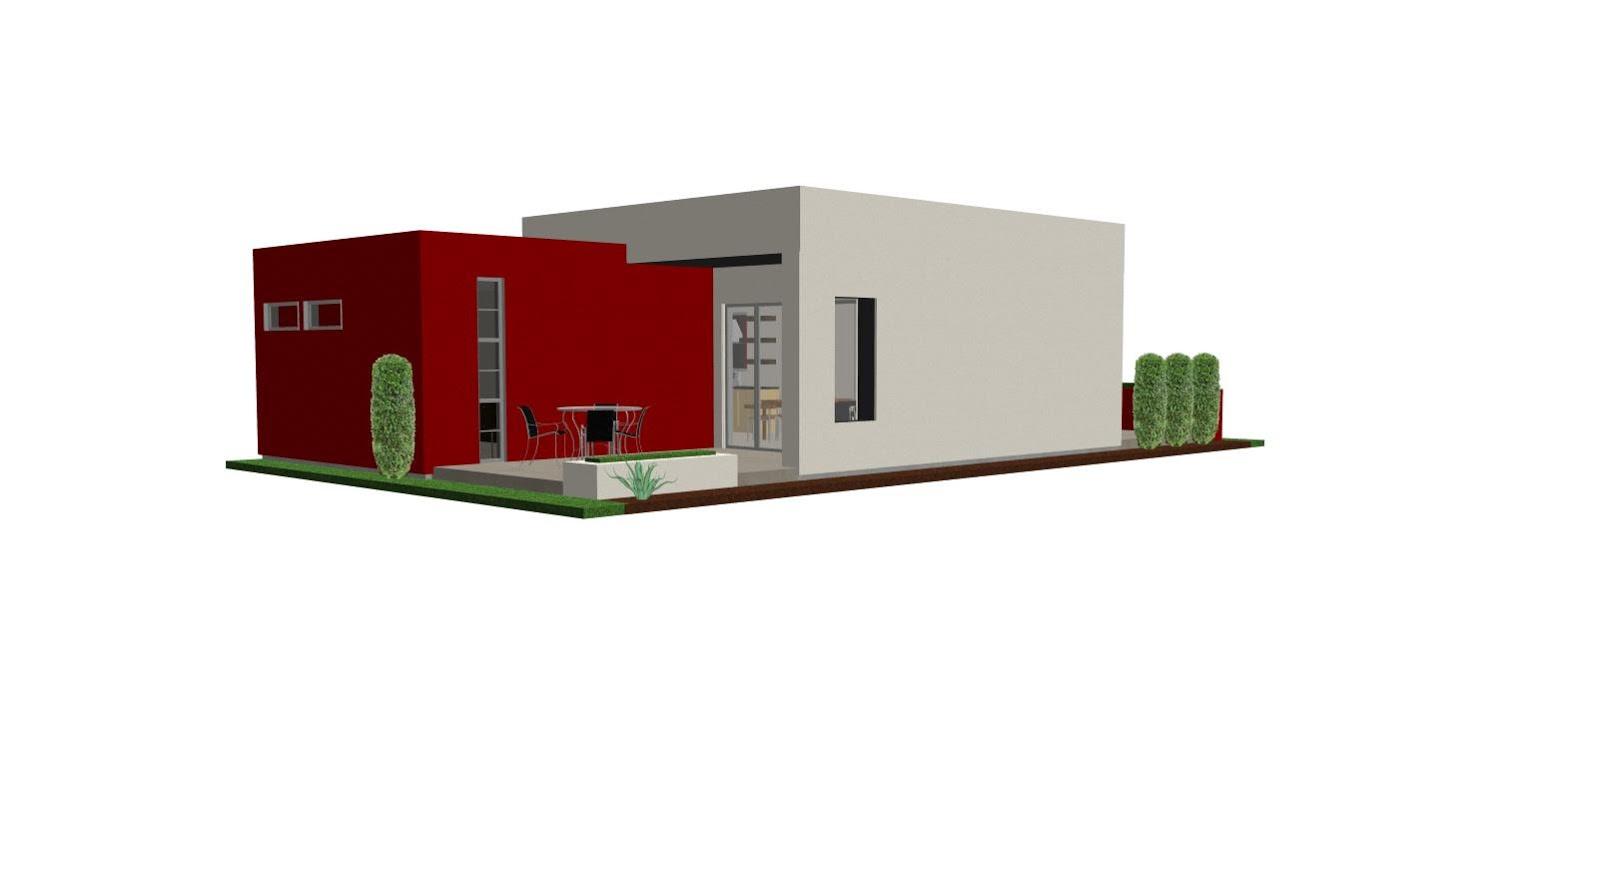 Descargar planos de casas y viviendas gratis fotos de - Casas economicas y modernas ...